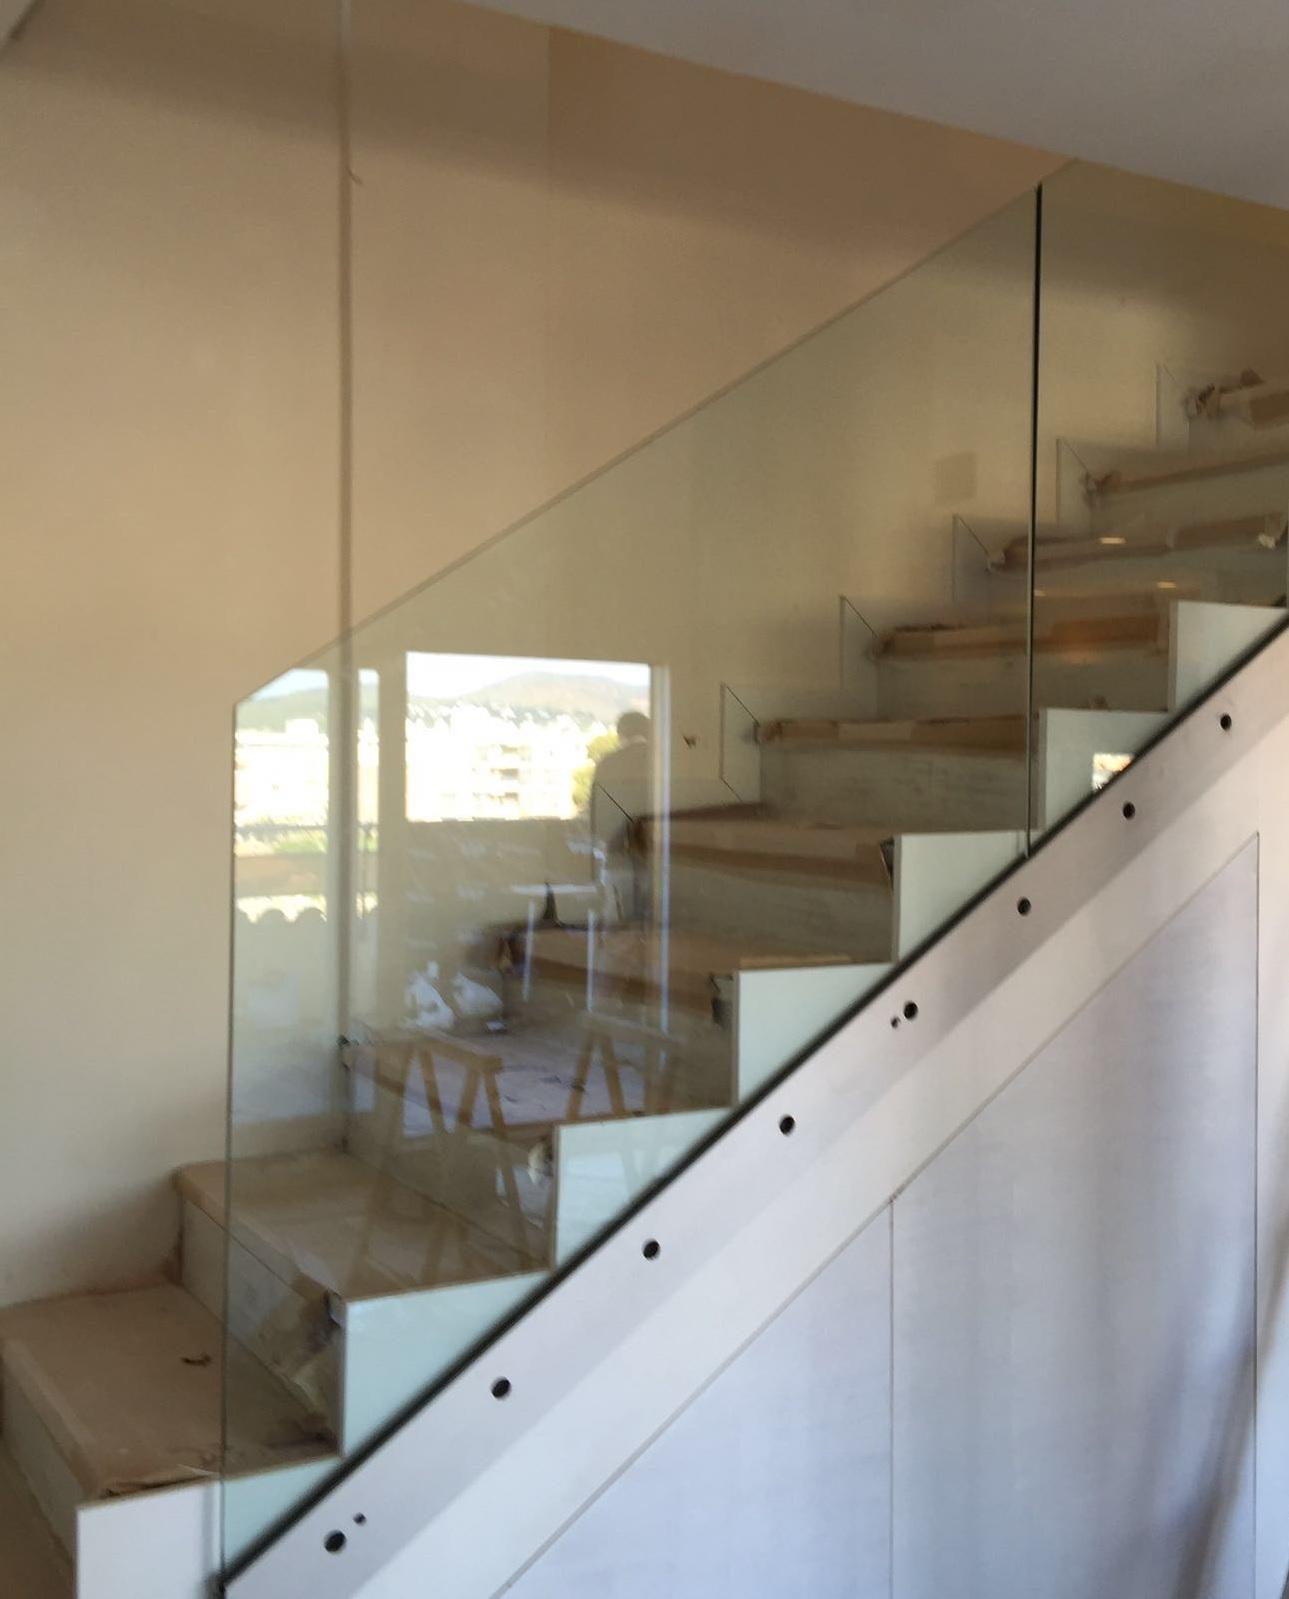 Barandillas Y Barandales De Cristal En Barcelona Cristaleria Aluspai ~ Barandillas De Cristal Para Escaleras Interiores